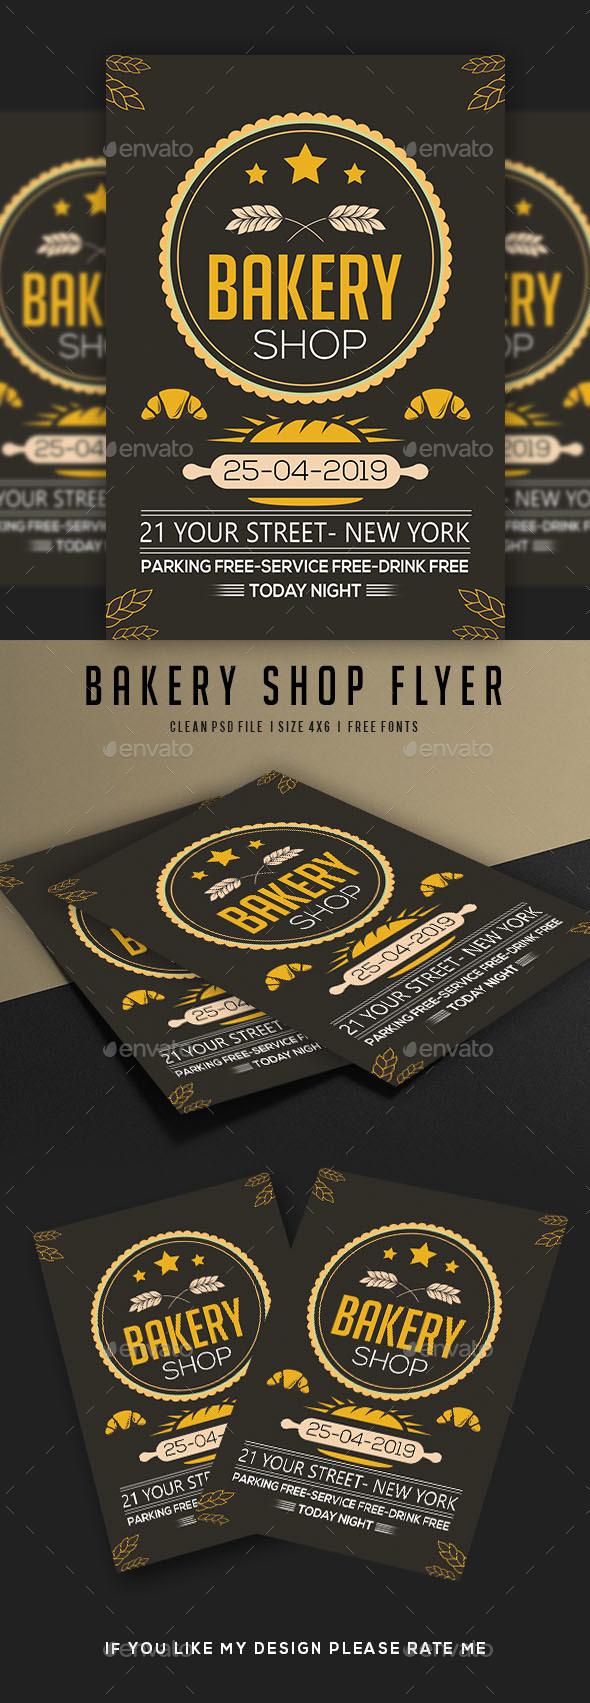 Bakery Shop Flyer - Flyers Print Templates